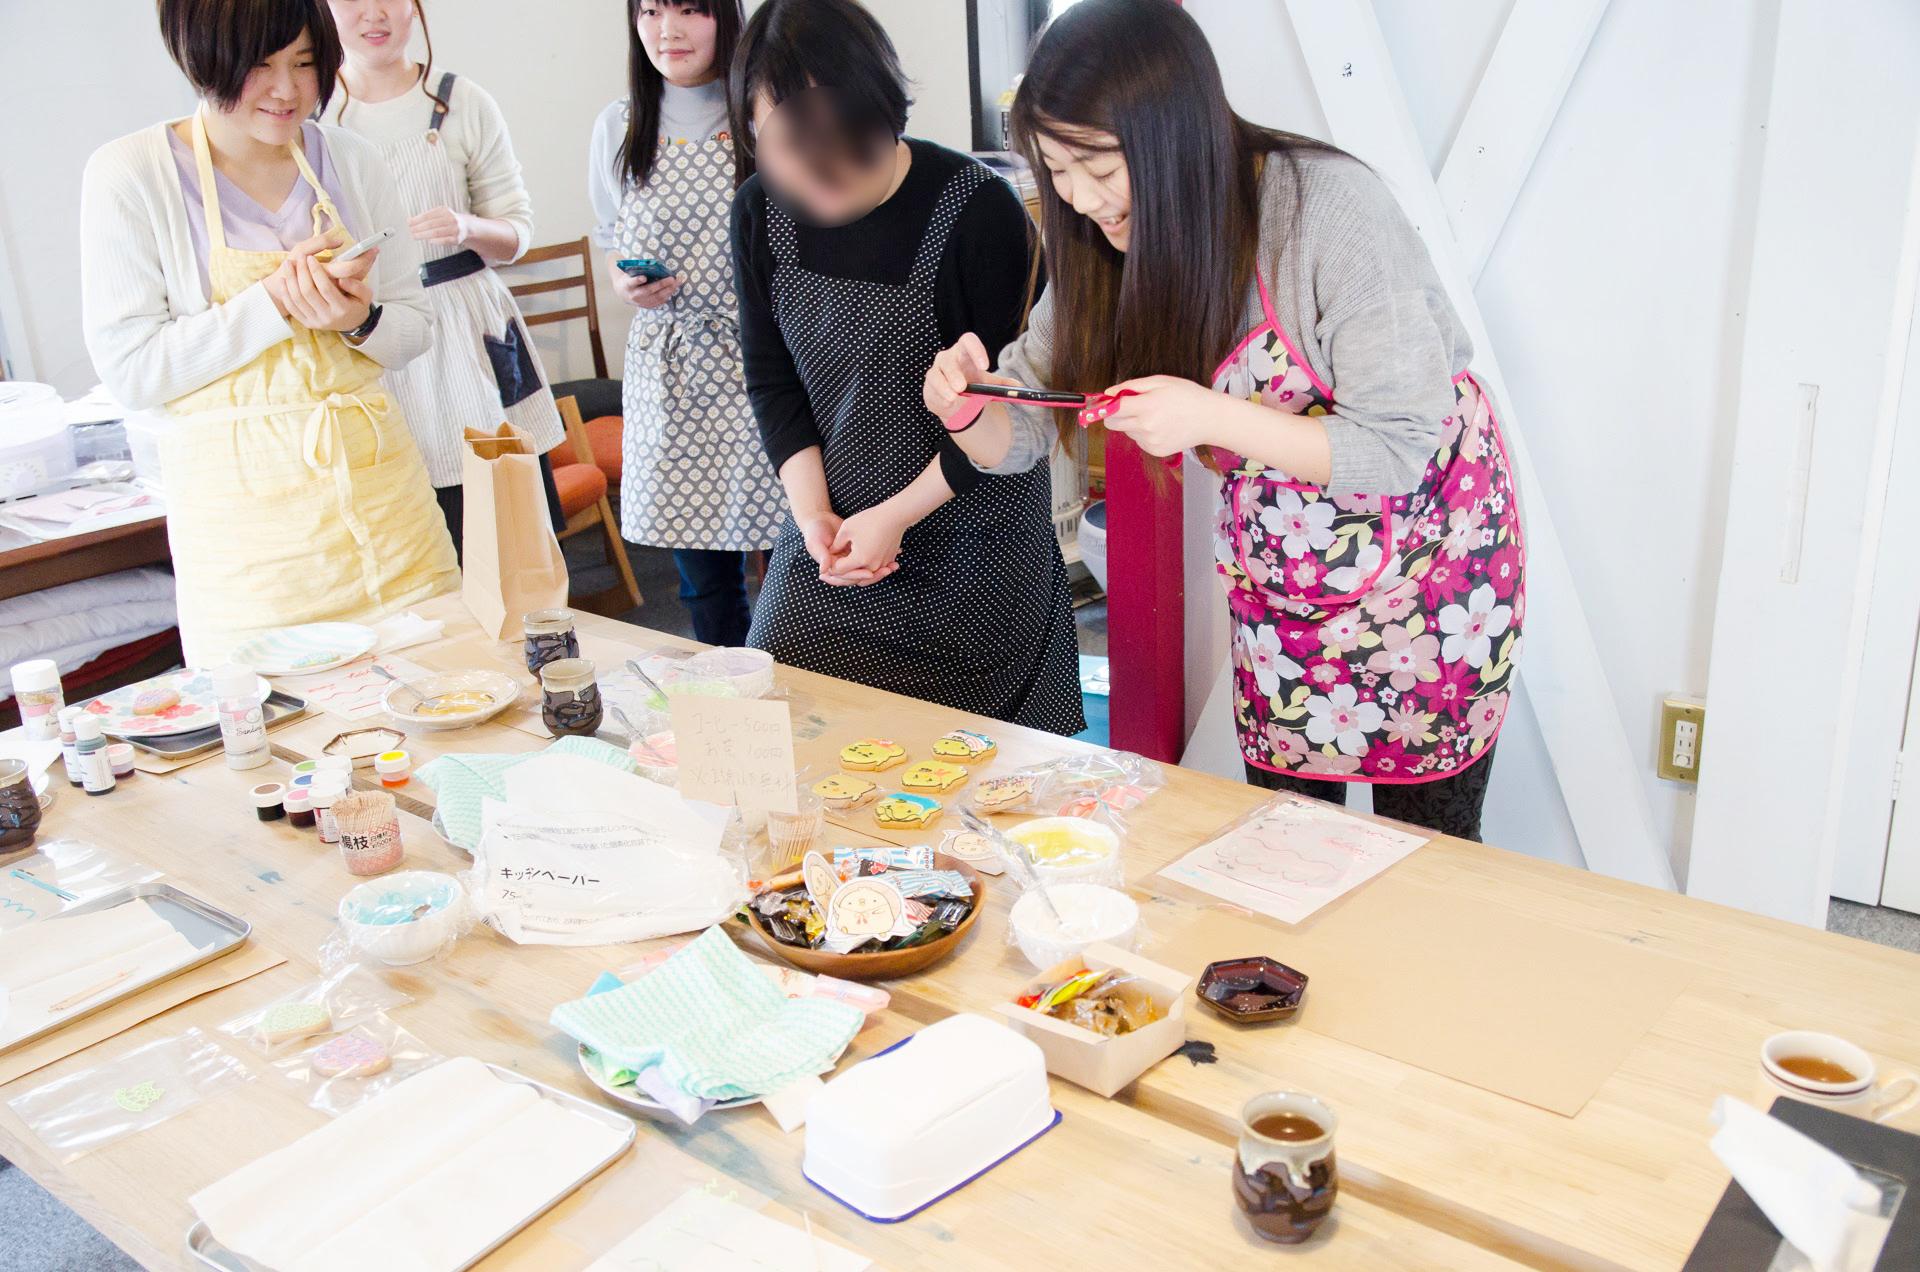 Joli アイシングクッキー イベント 秋田市